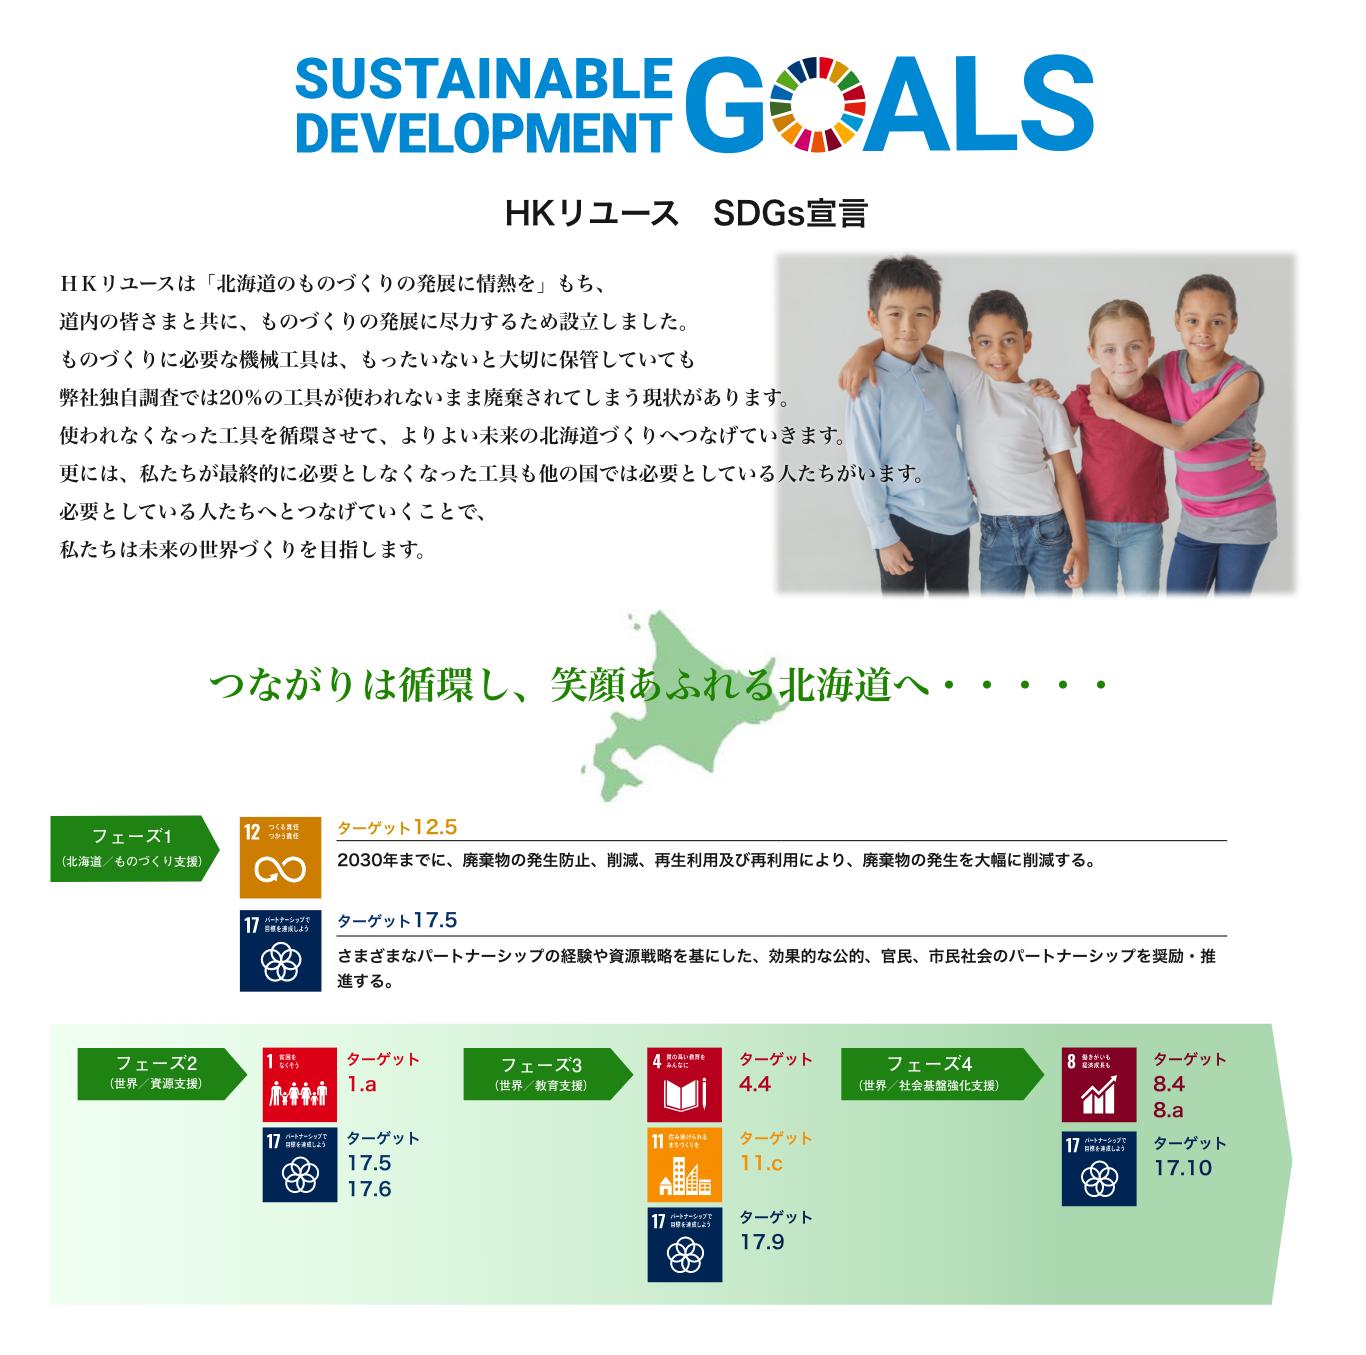 HKリユースSDGs宣言